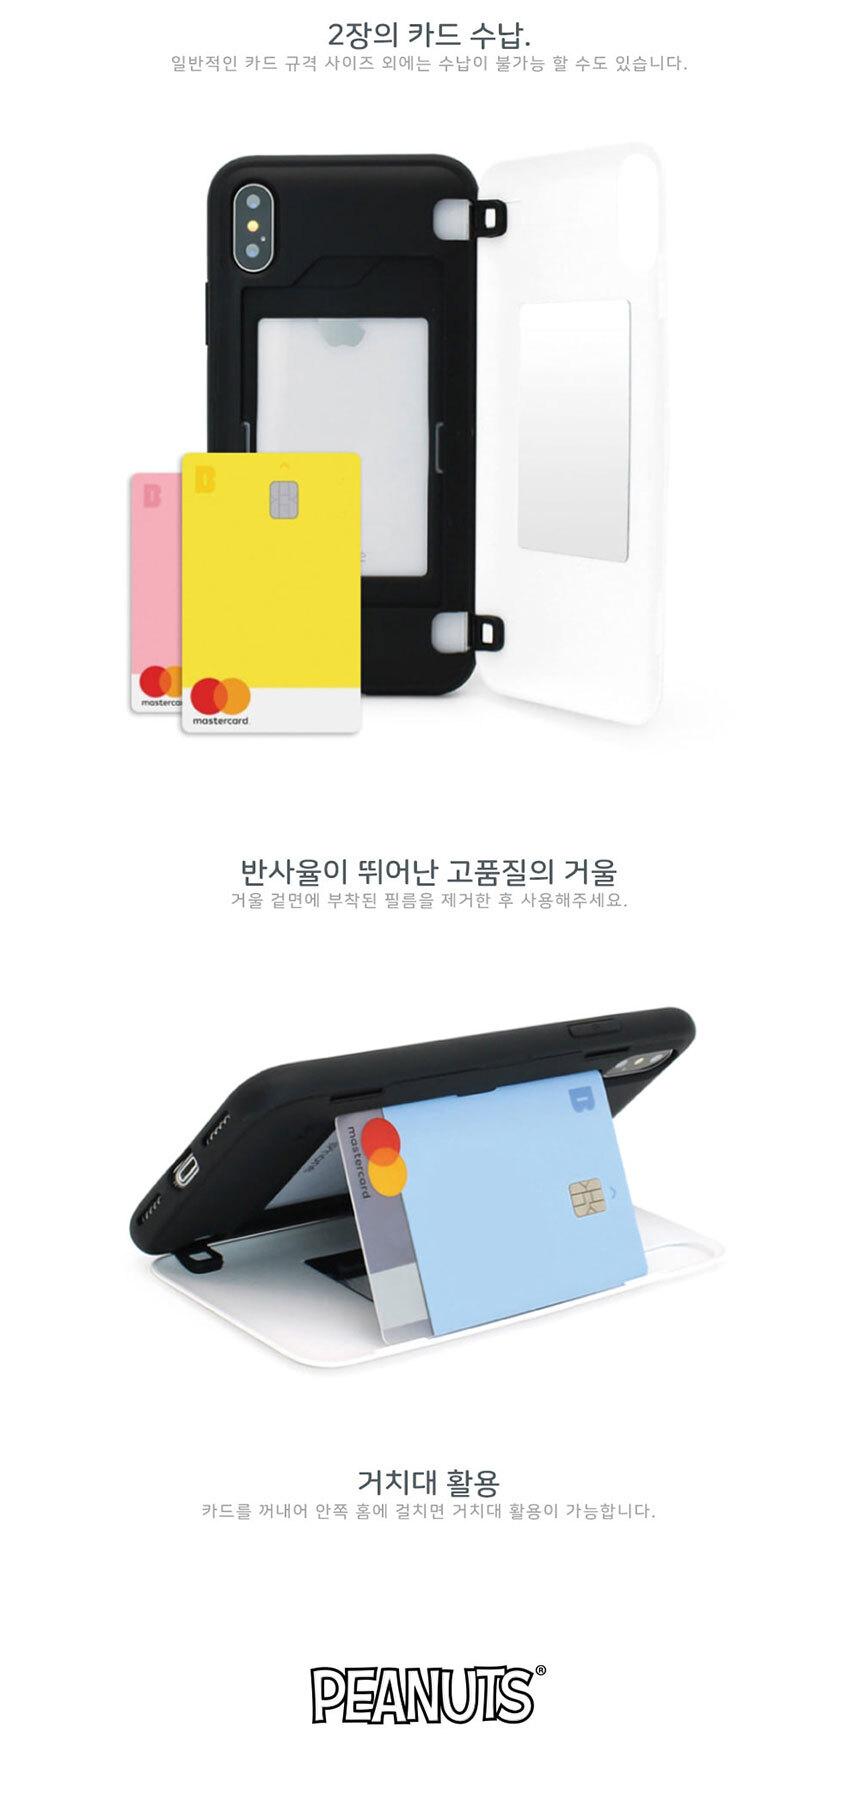 아이폰XS맥스 스누피 카드 범퍼 하드 케이스 KP019 - 주식회사 베켄, 41,000원, 케이스, 아이폰XS MAX